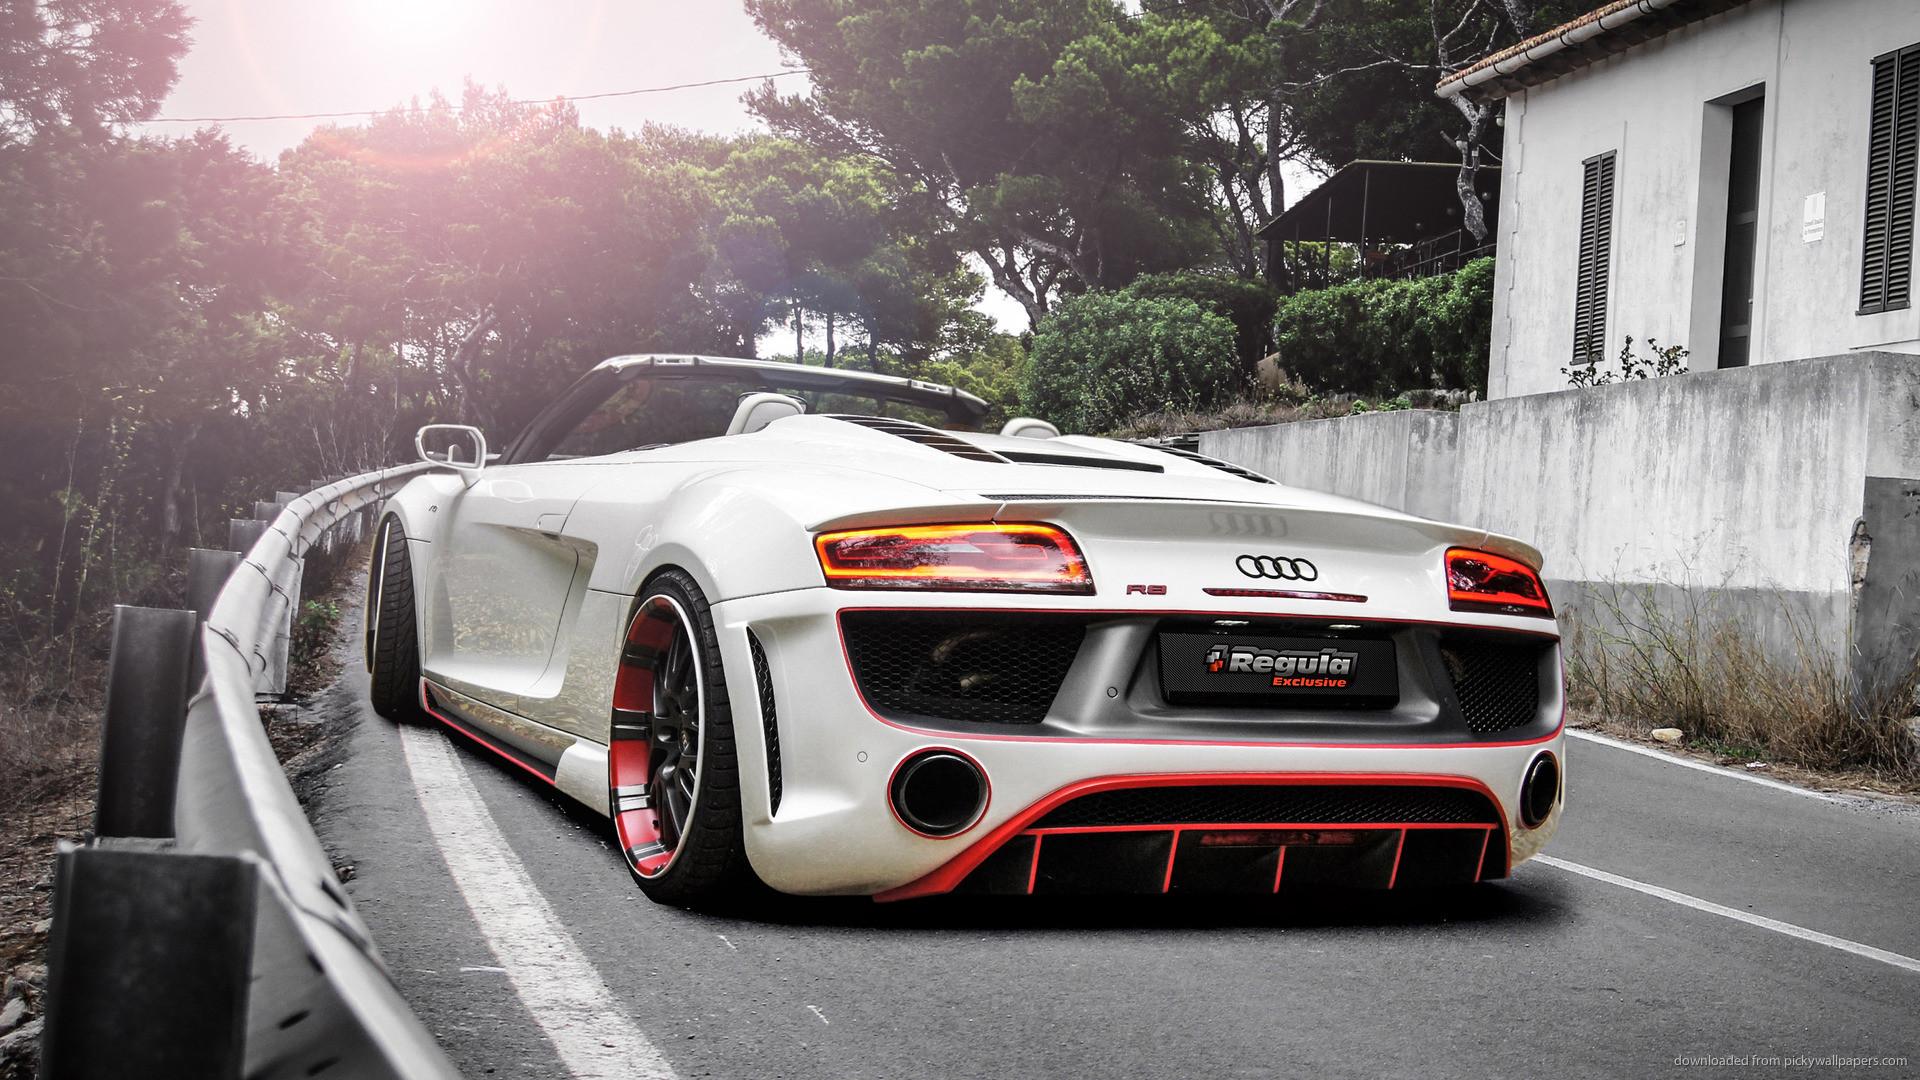 … Download Audi R8 V10 Spyder Regula Tuning Wallpaper